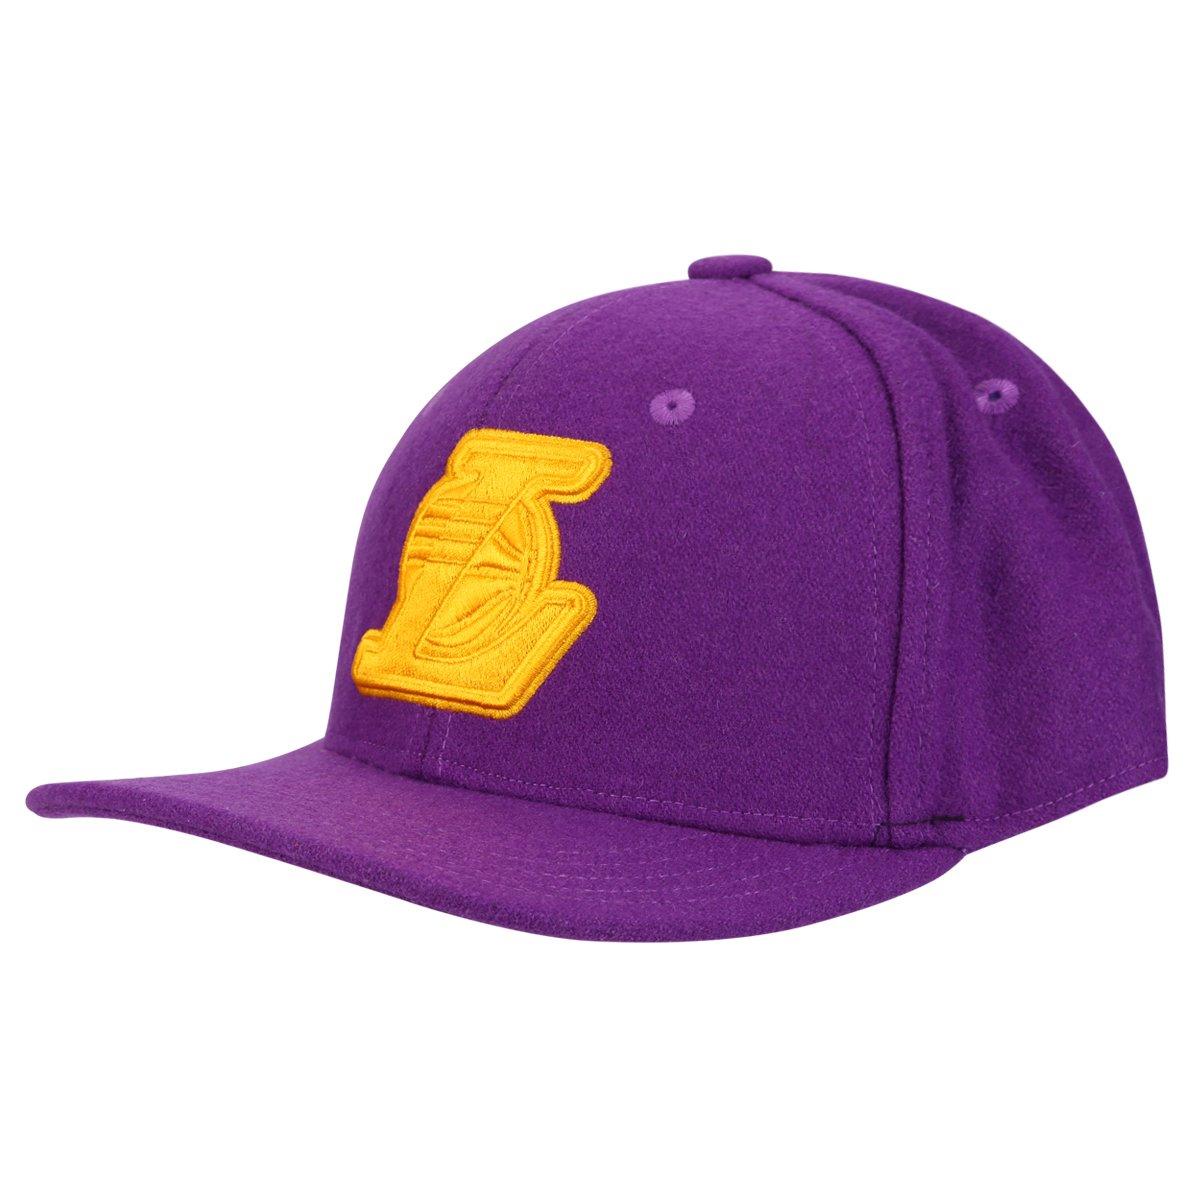 70f8e5b2c42b7 Boné Adidas Originals NBA SBC Lakers - Compre Agora